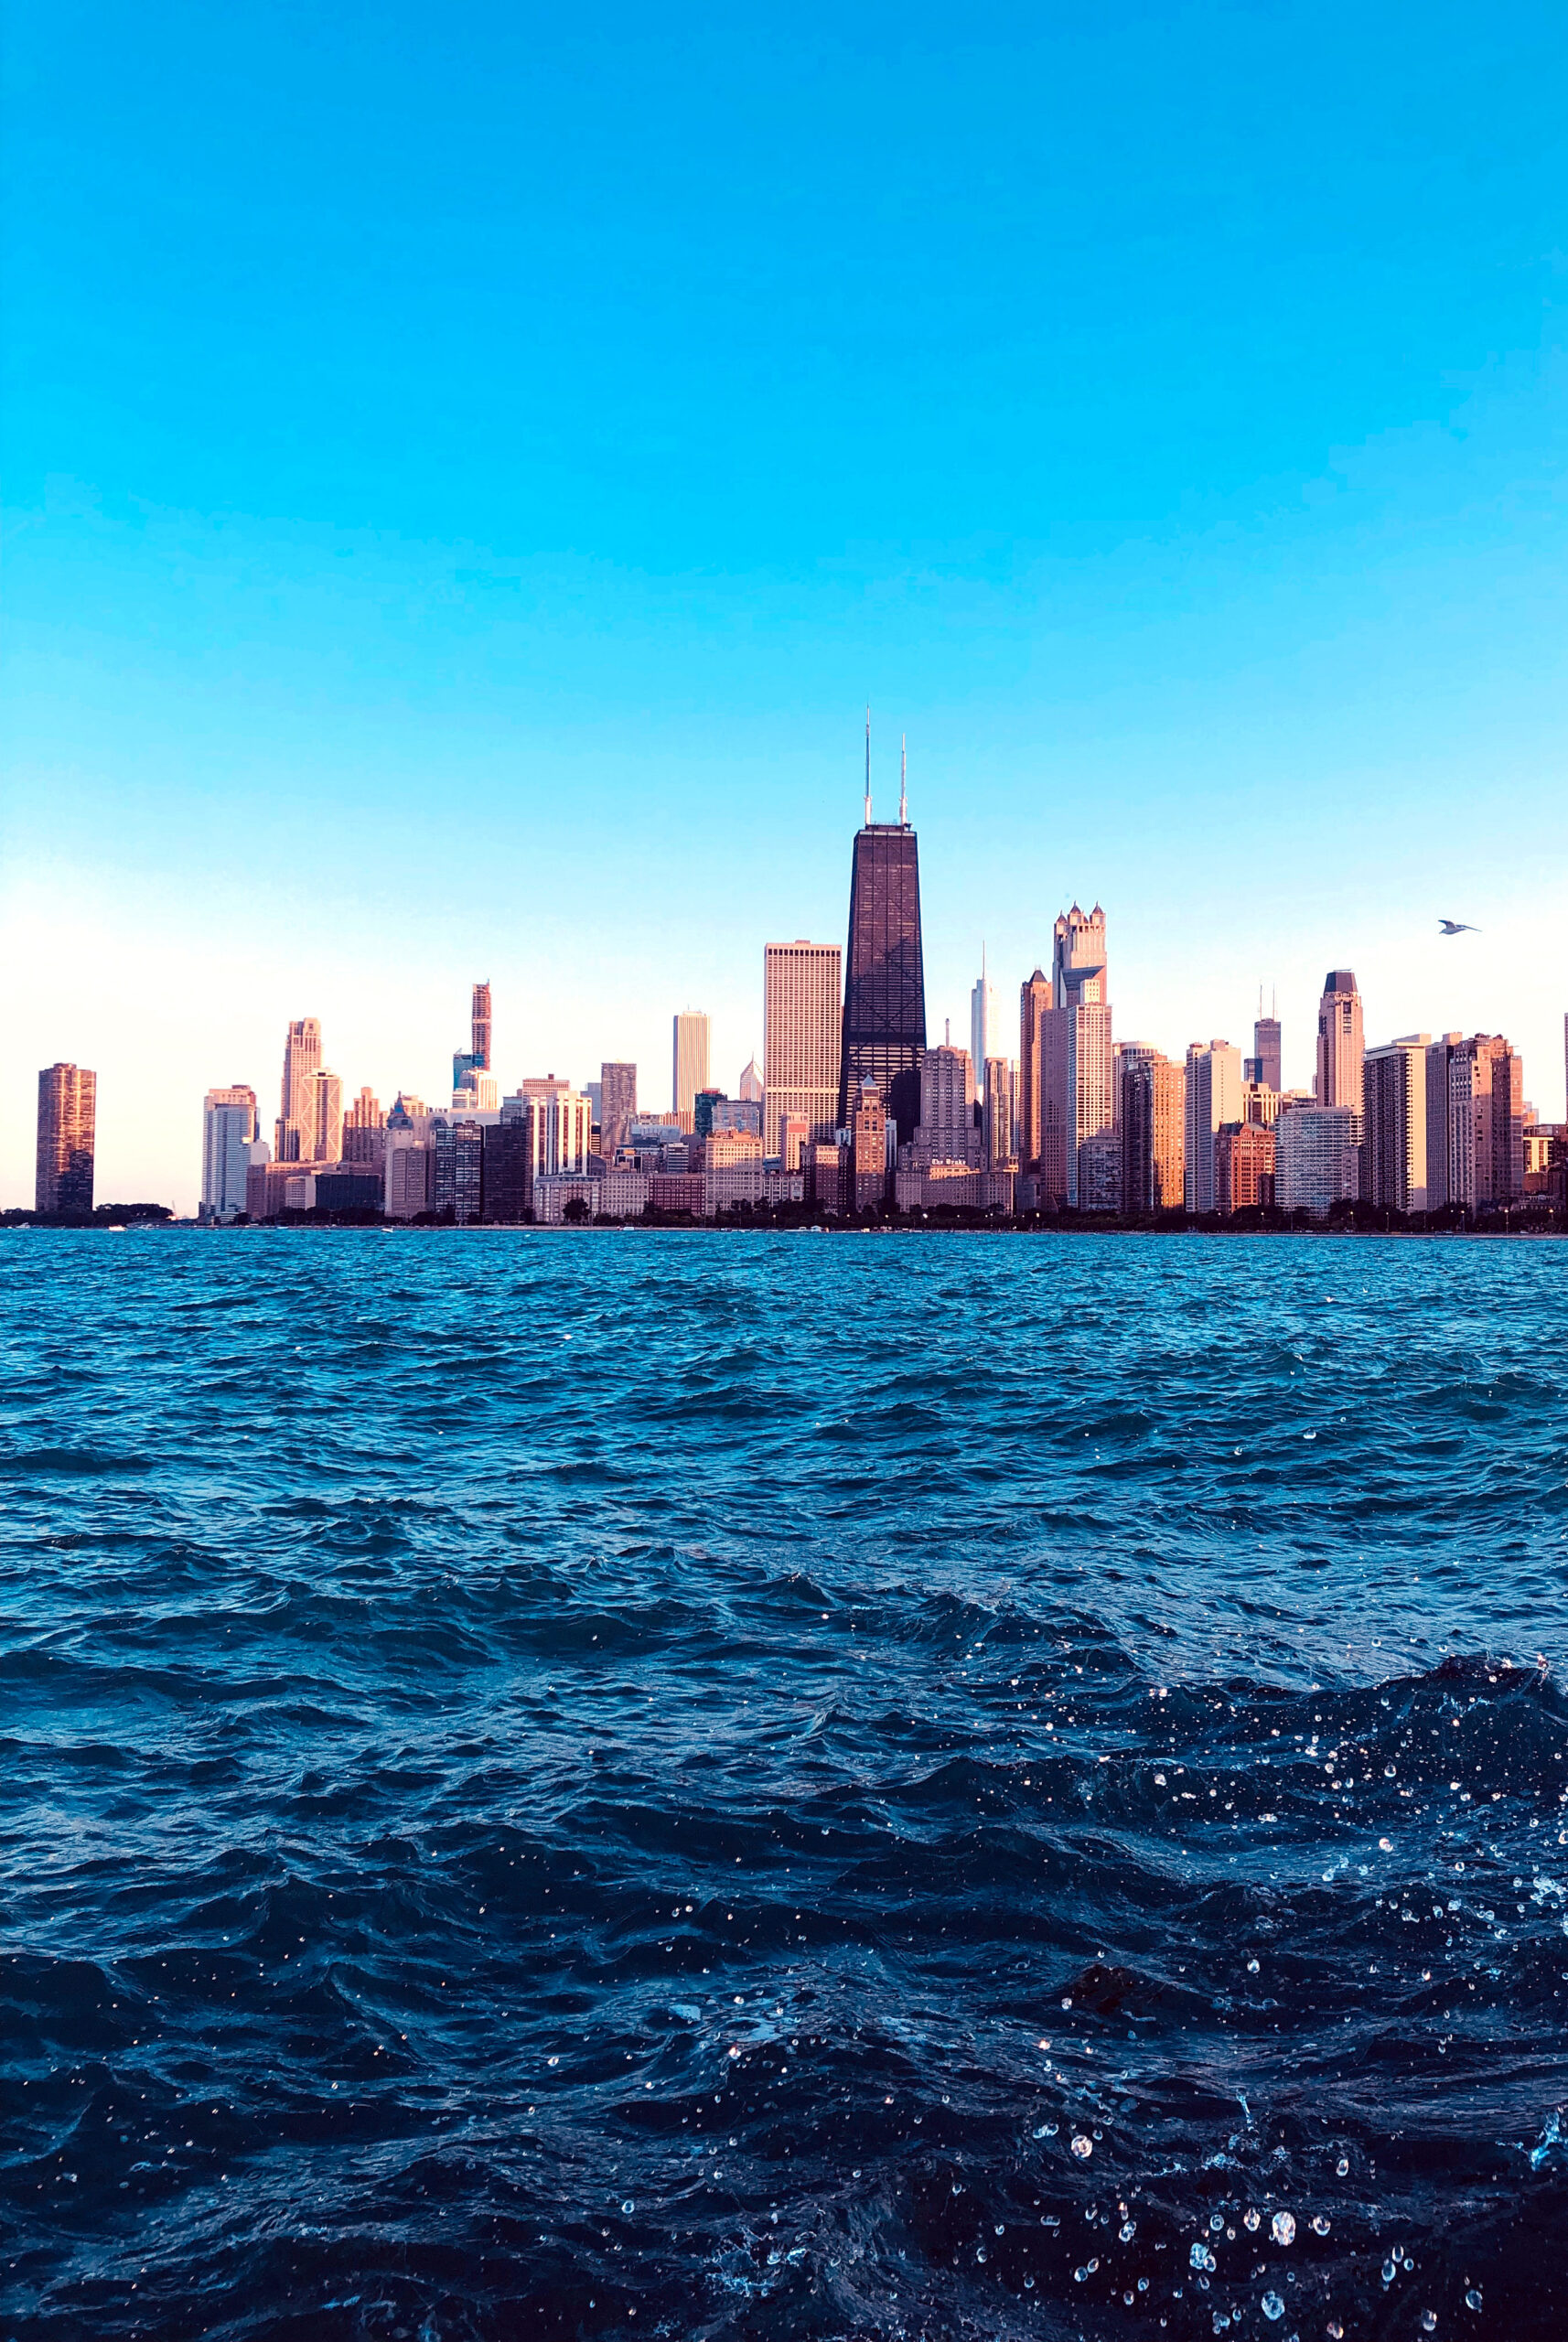 chicago, community, consciousness, empowerment